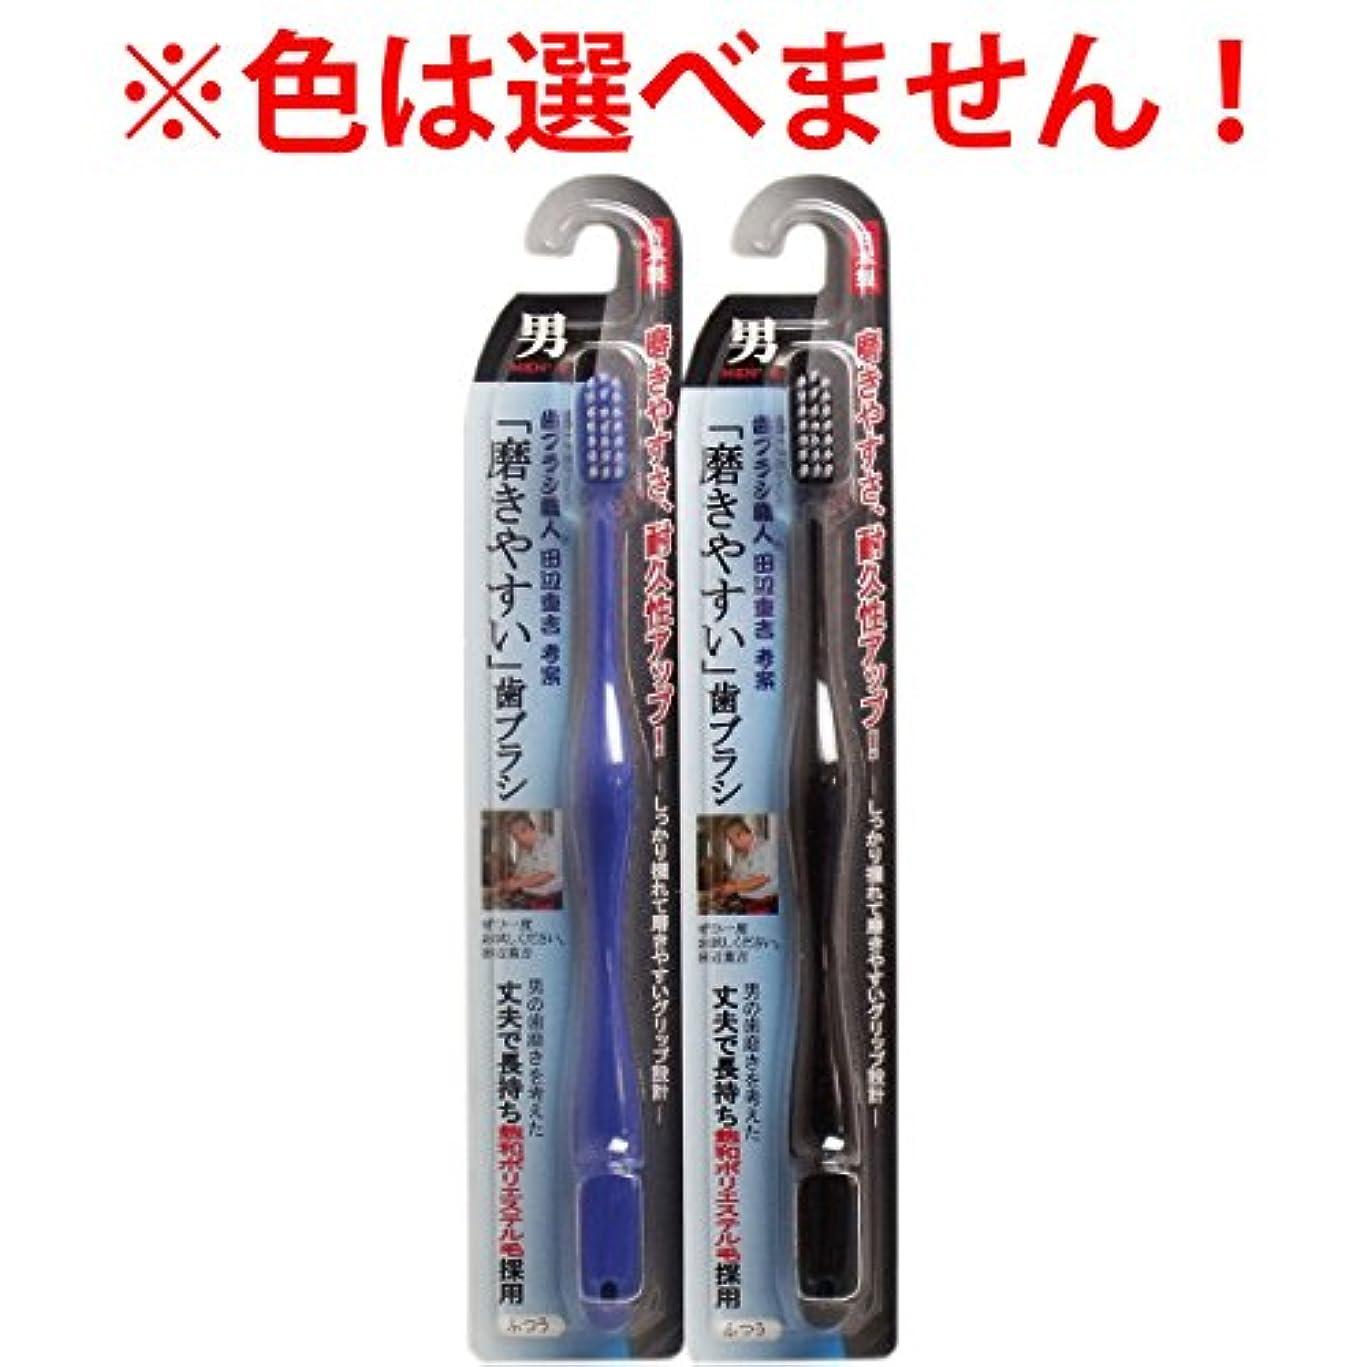 注入する水っぽいあからさまライフレンジ 「磨きやすい」歯ブラシ男 LT-08 1本